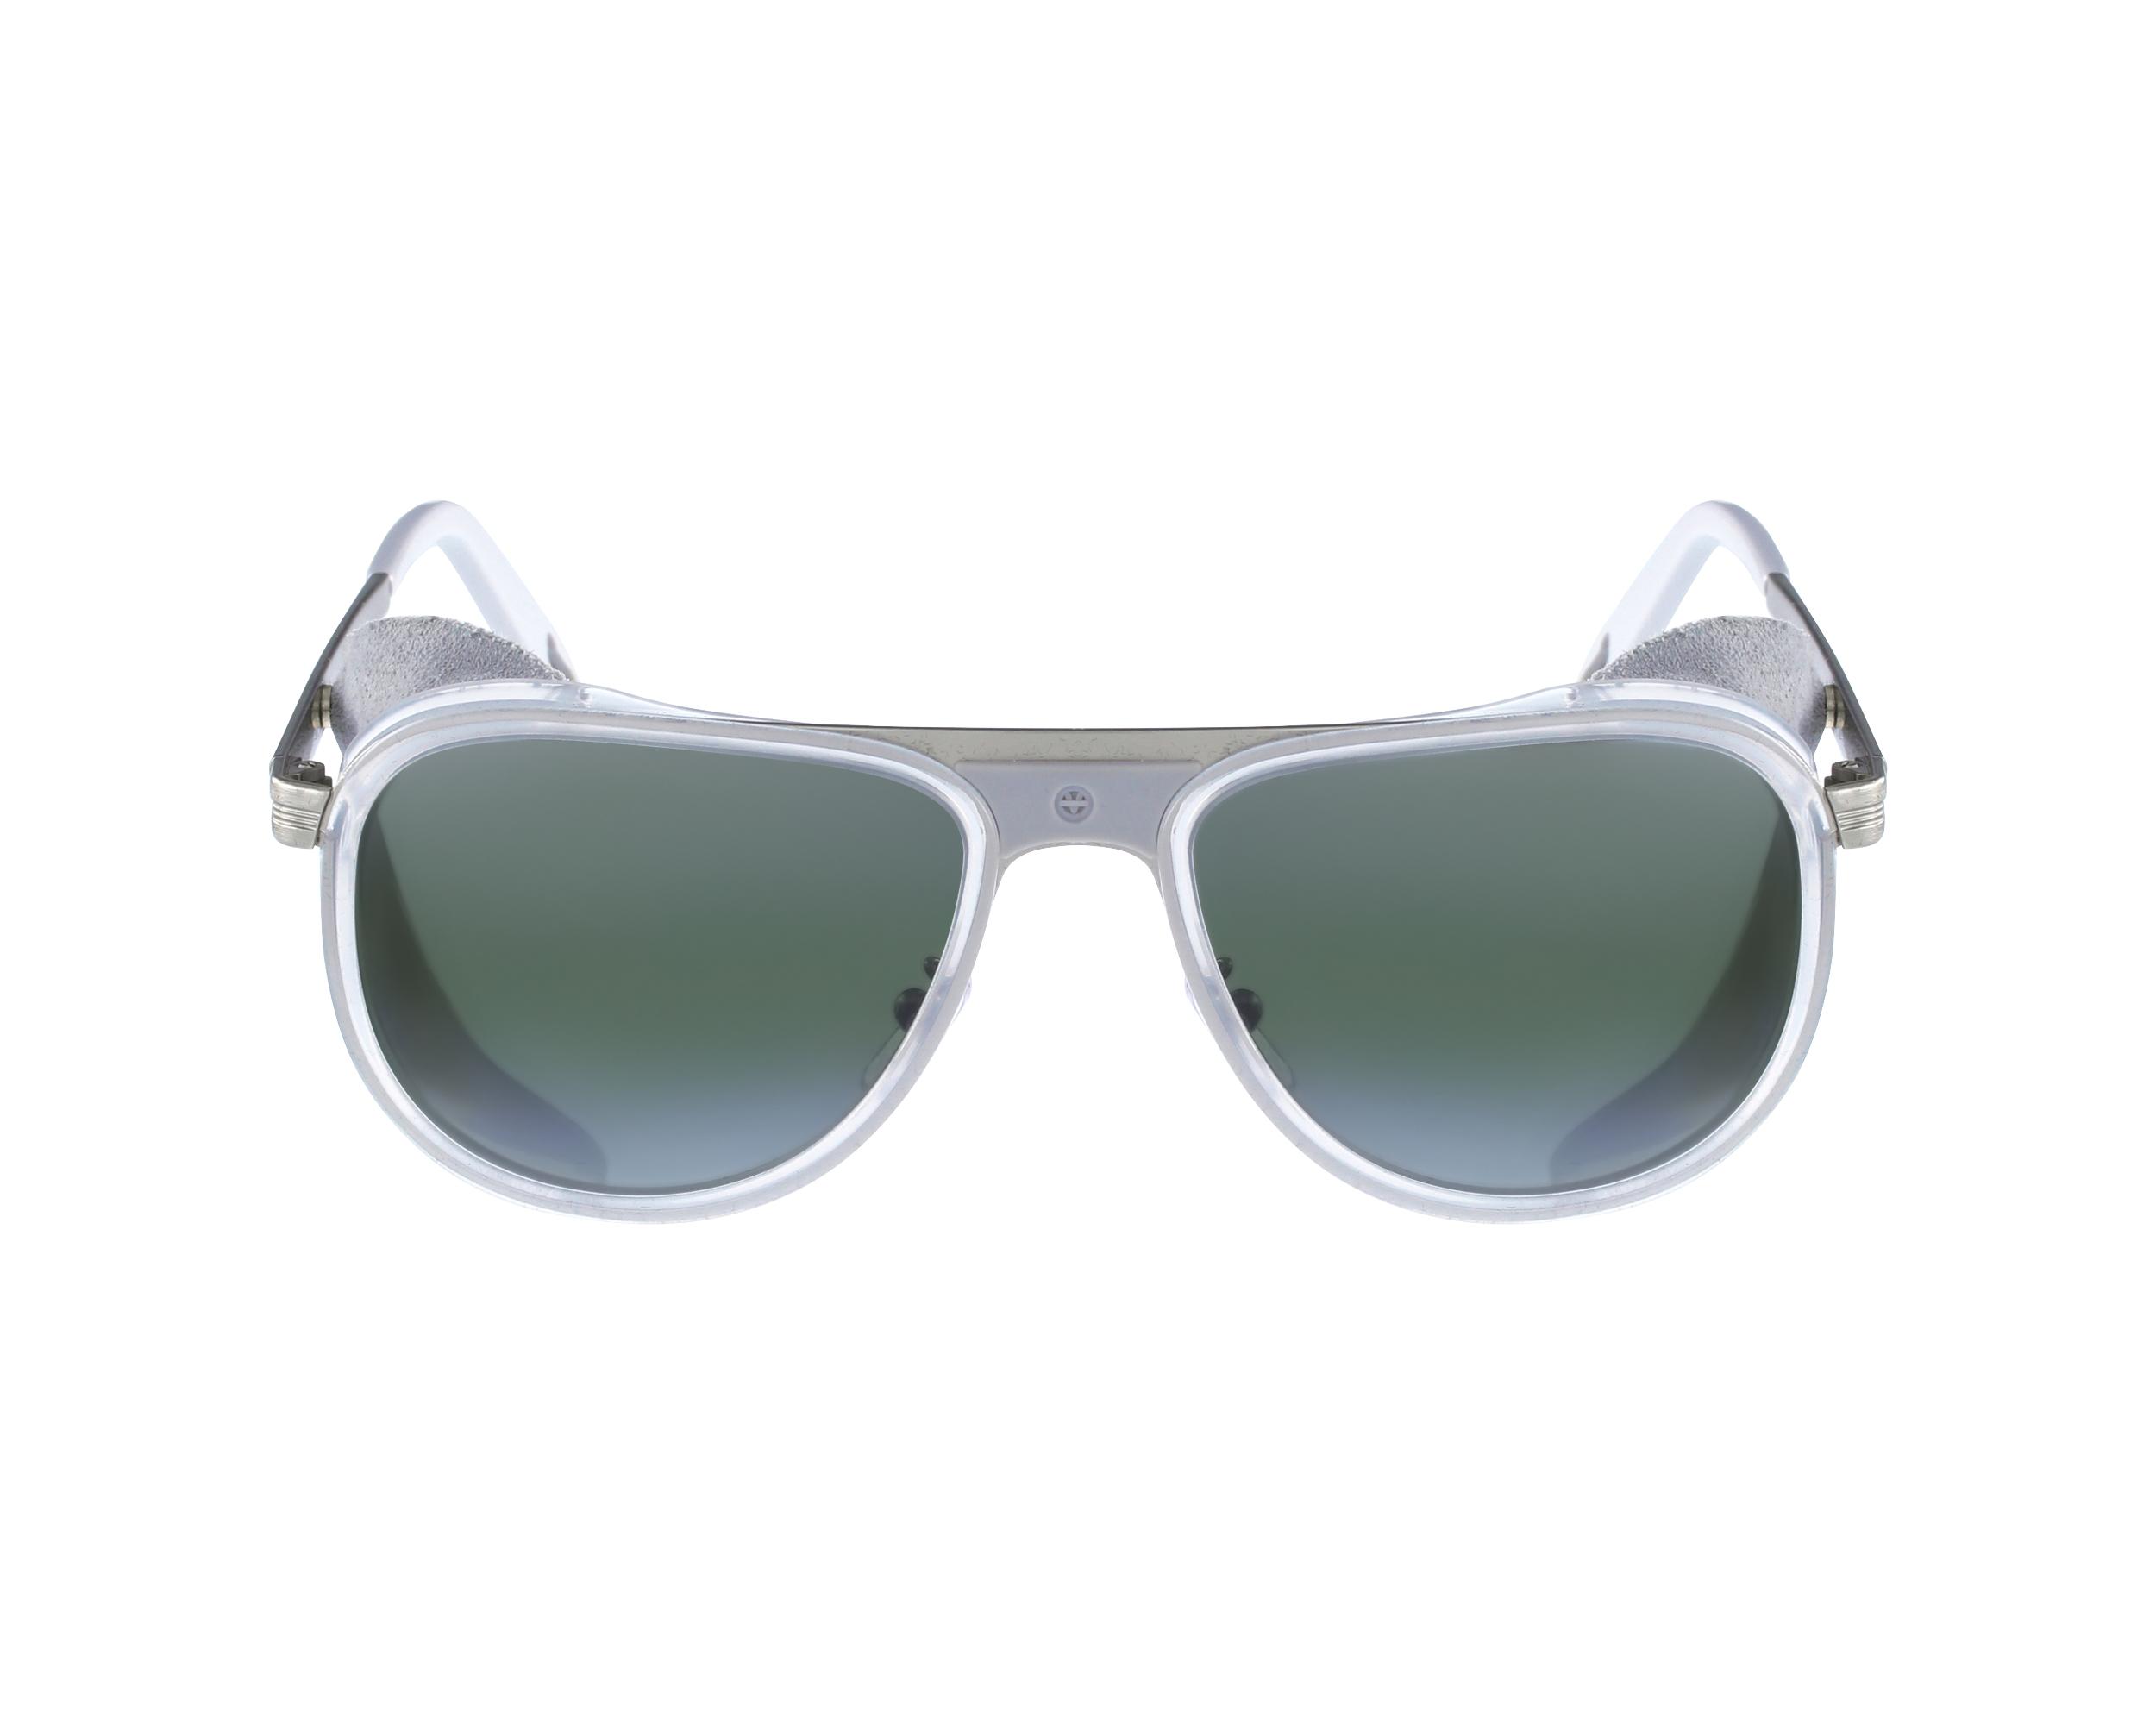 Gafas de sol Vuarnet VL-1315 0003-1136 60-19 Plata vista de d5836f31a4fa